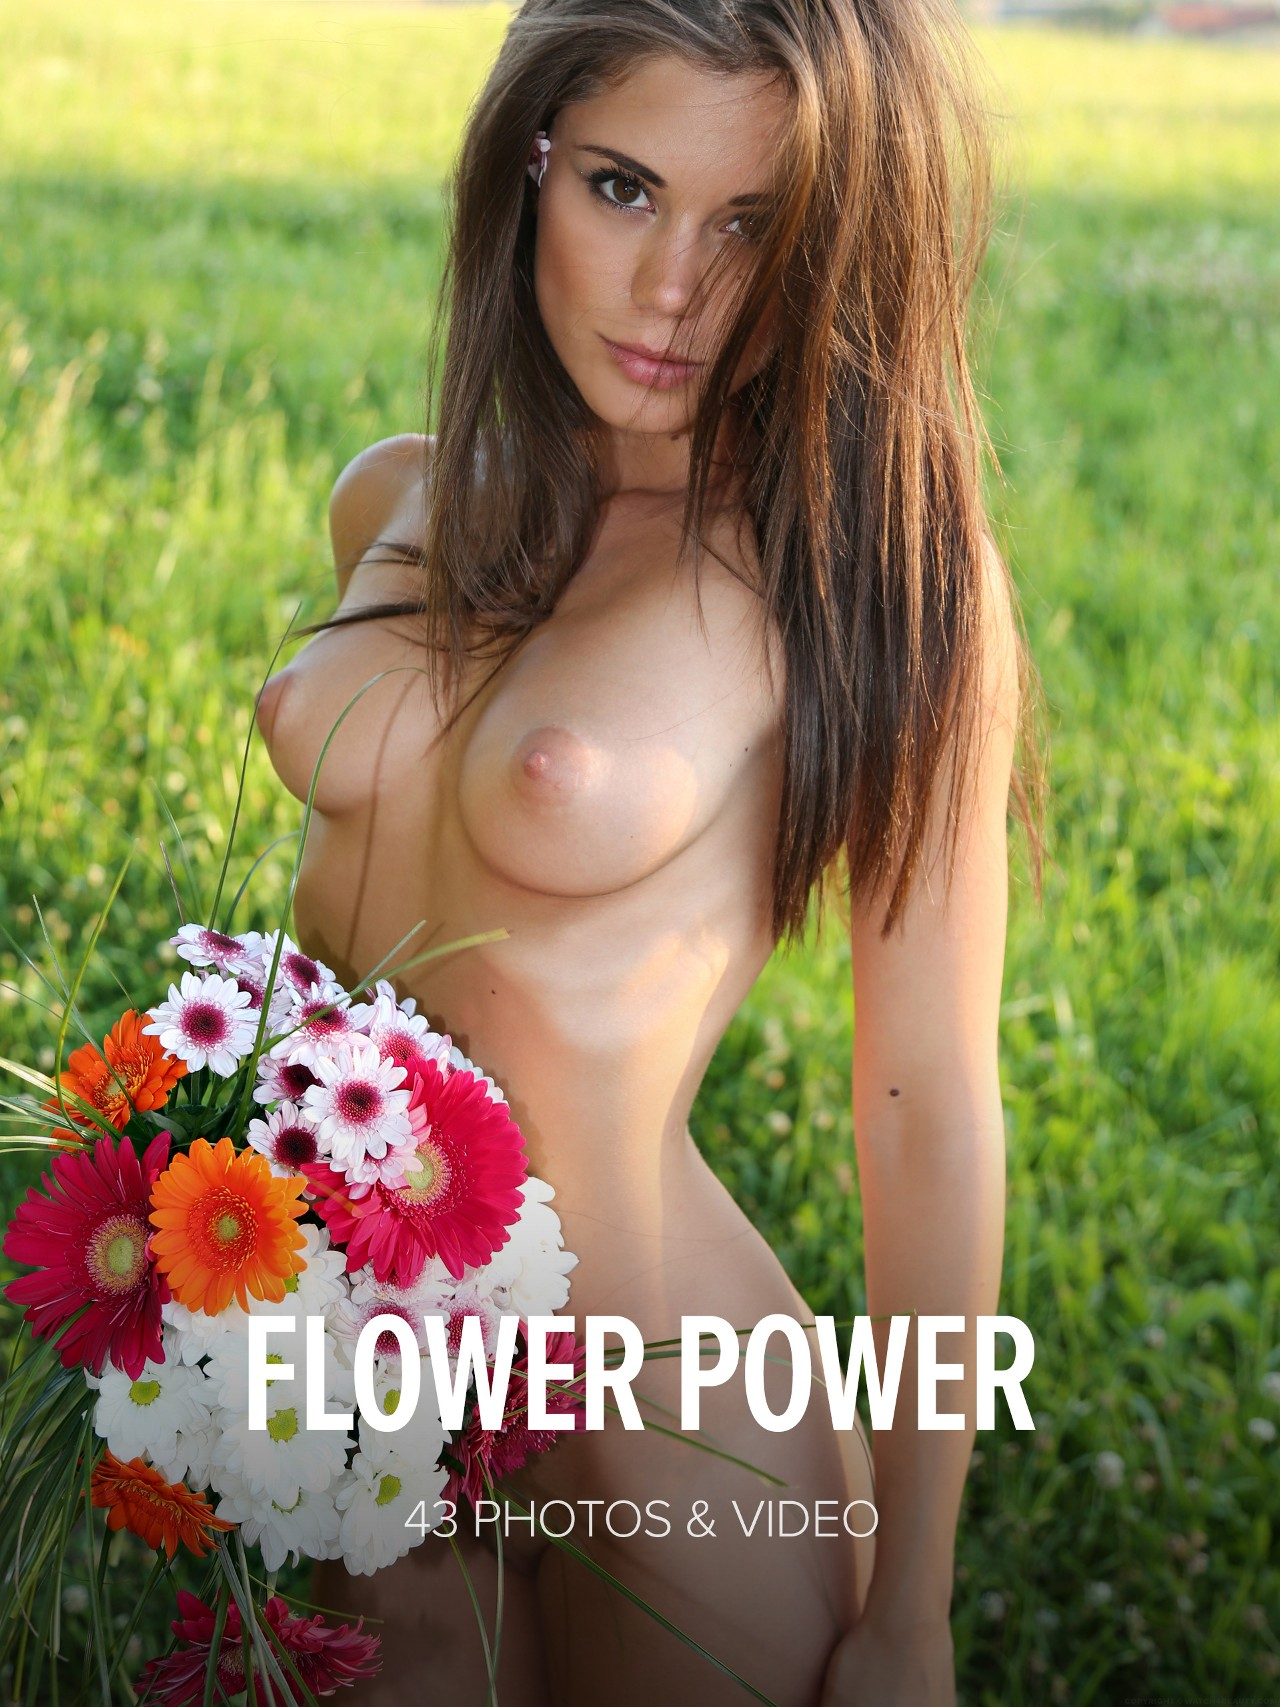 Little Caprice: Flower power